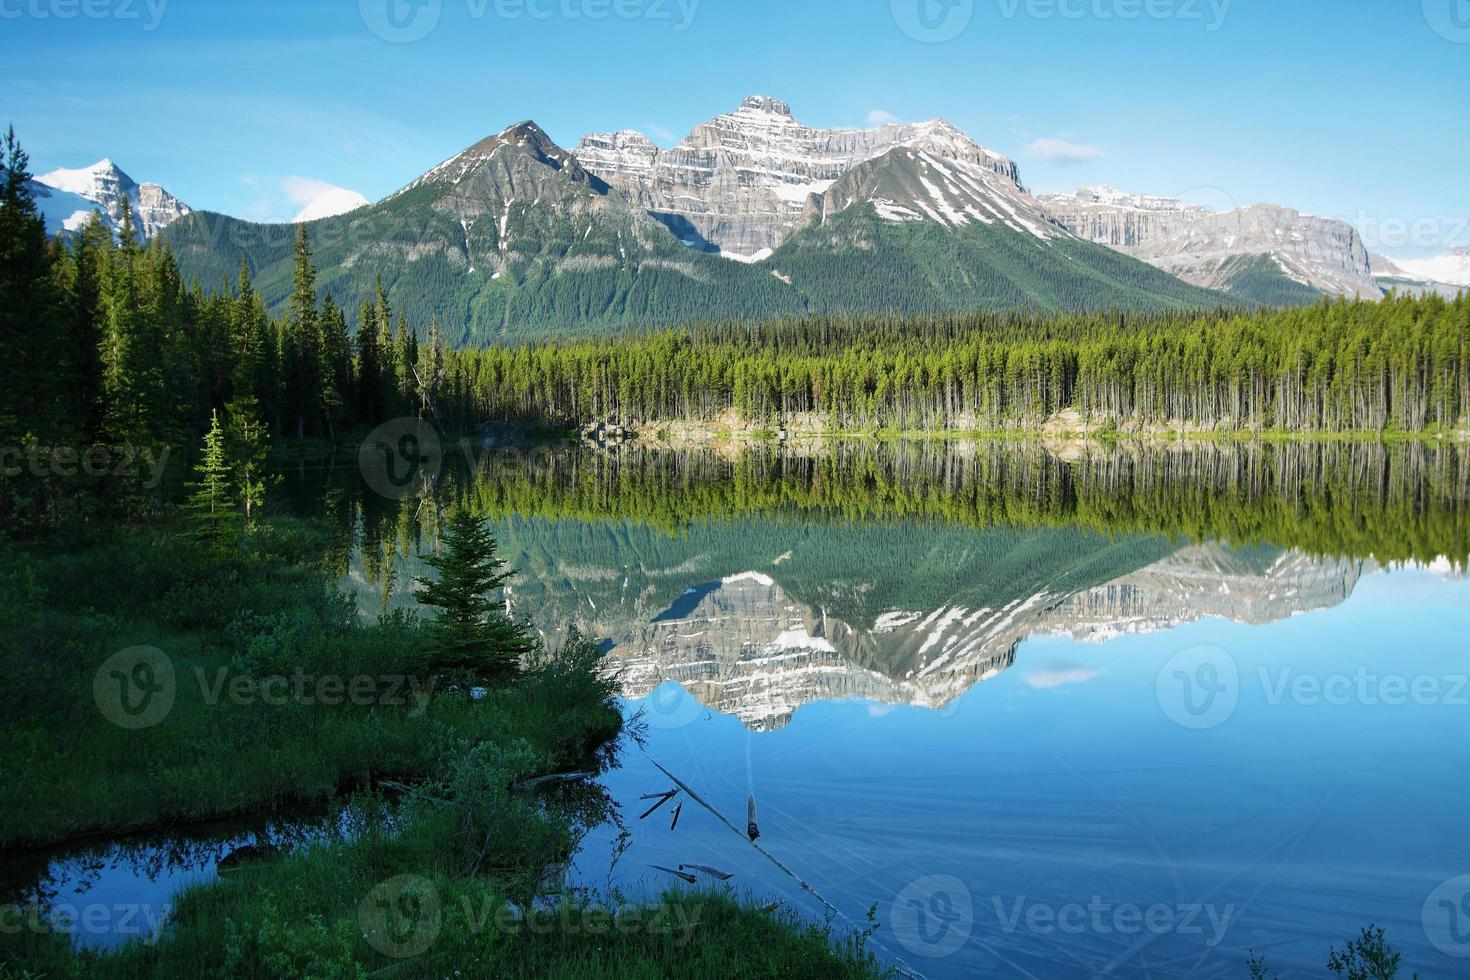 Herbert lake view photo